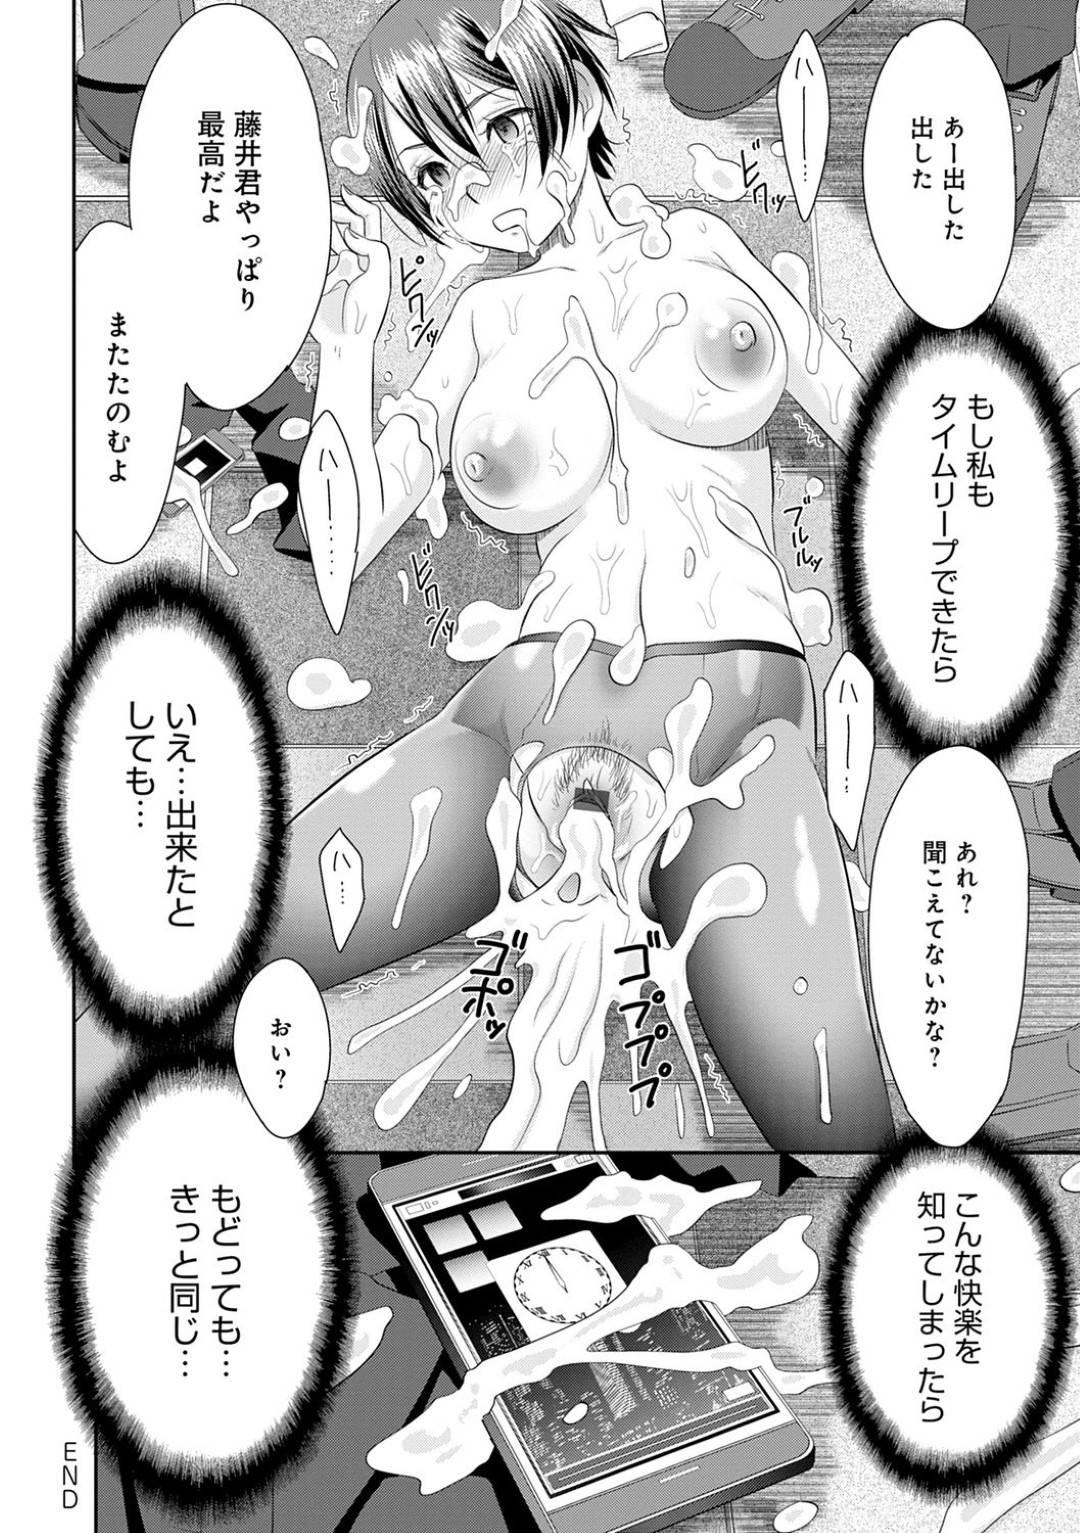 【輪姦エロ漫画】藤井は、会社に残って仕事をしているとおじさん役員と輪姦孕ませセックスで快楽堕ちする【桃之助】